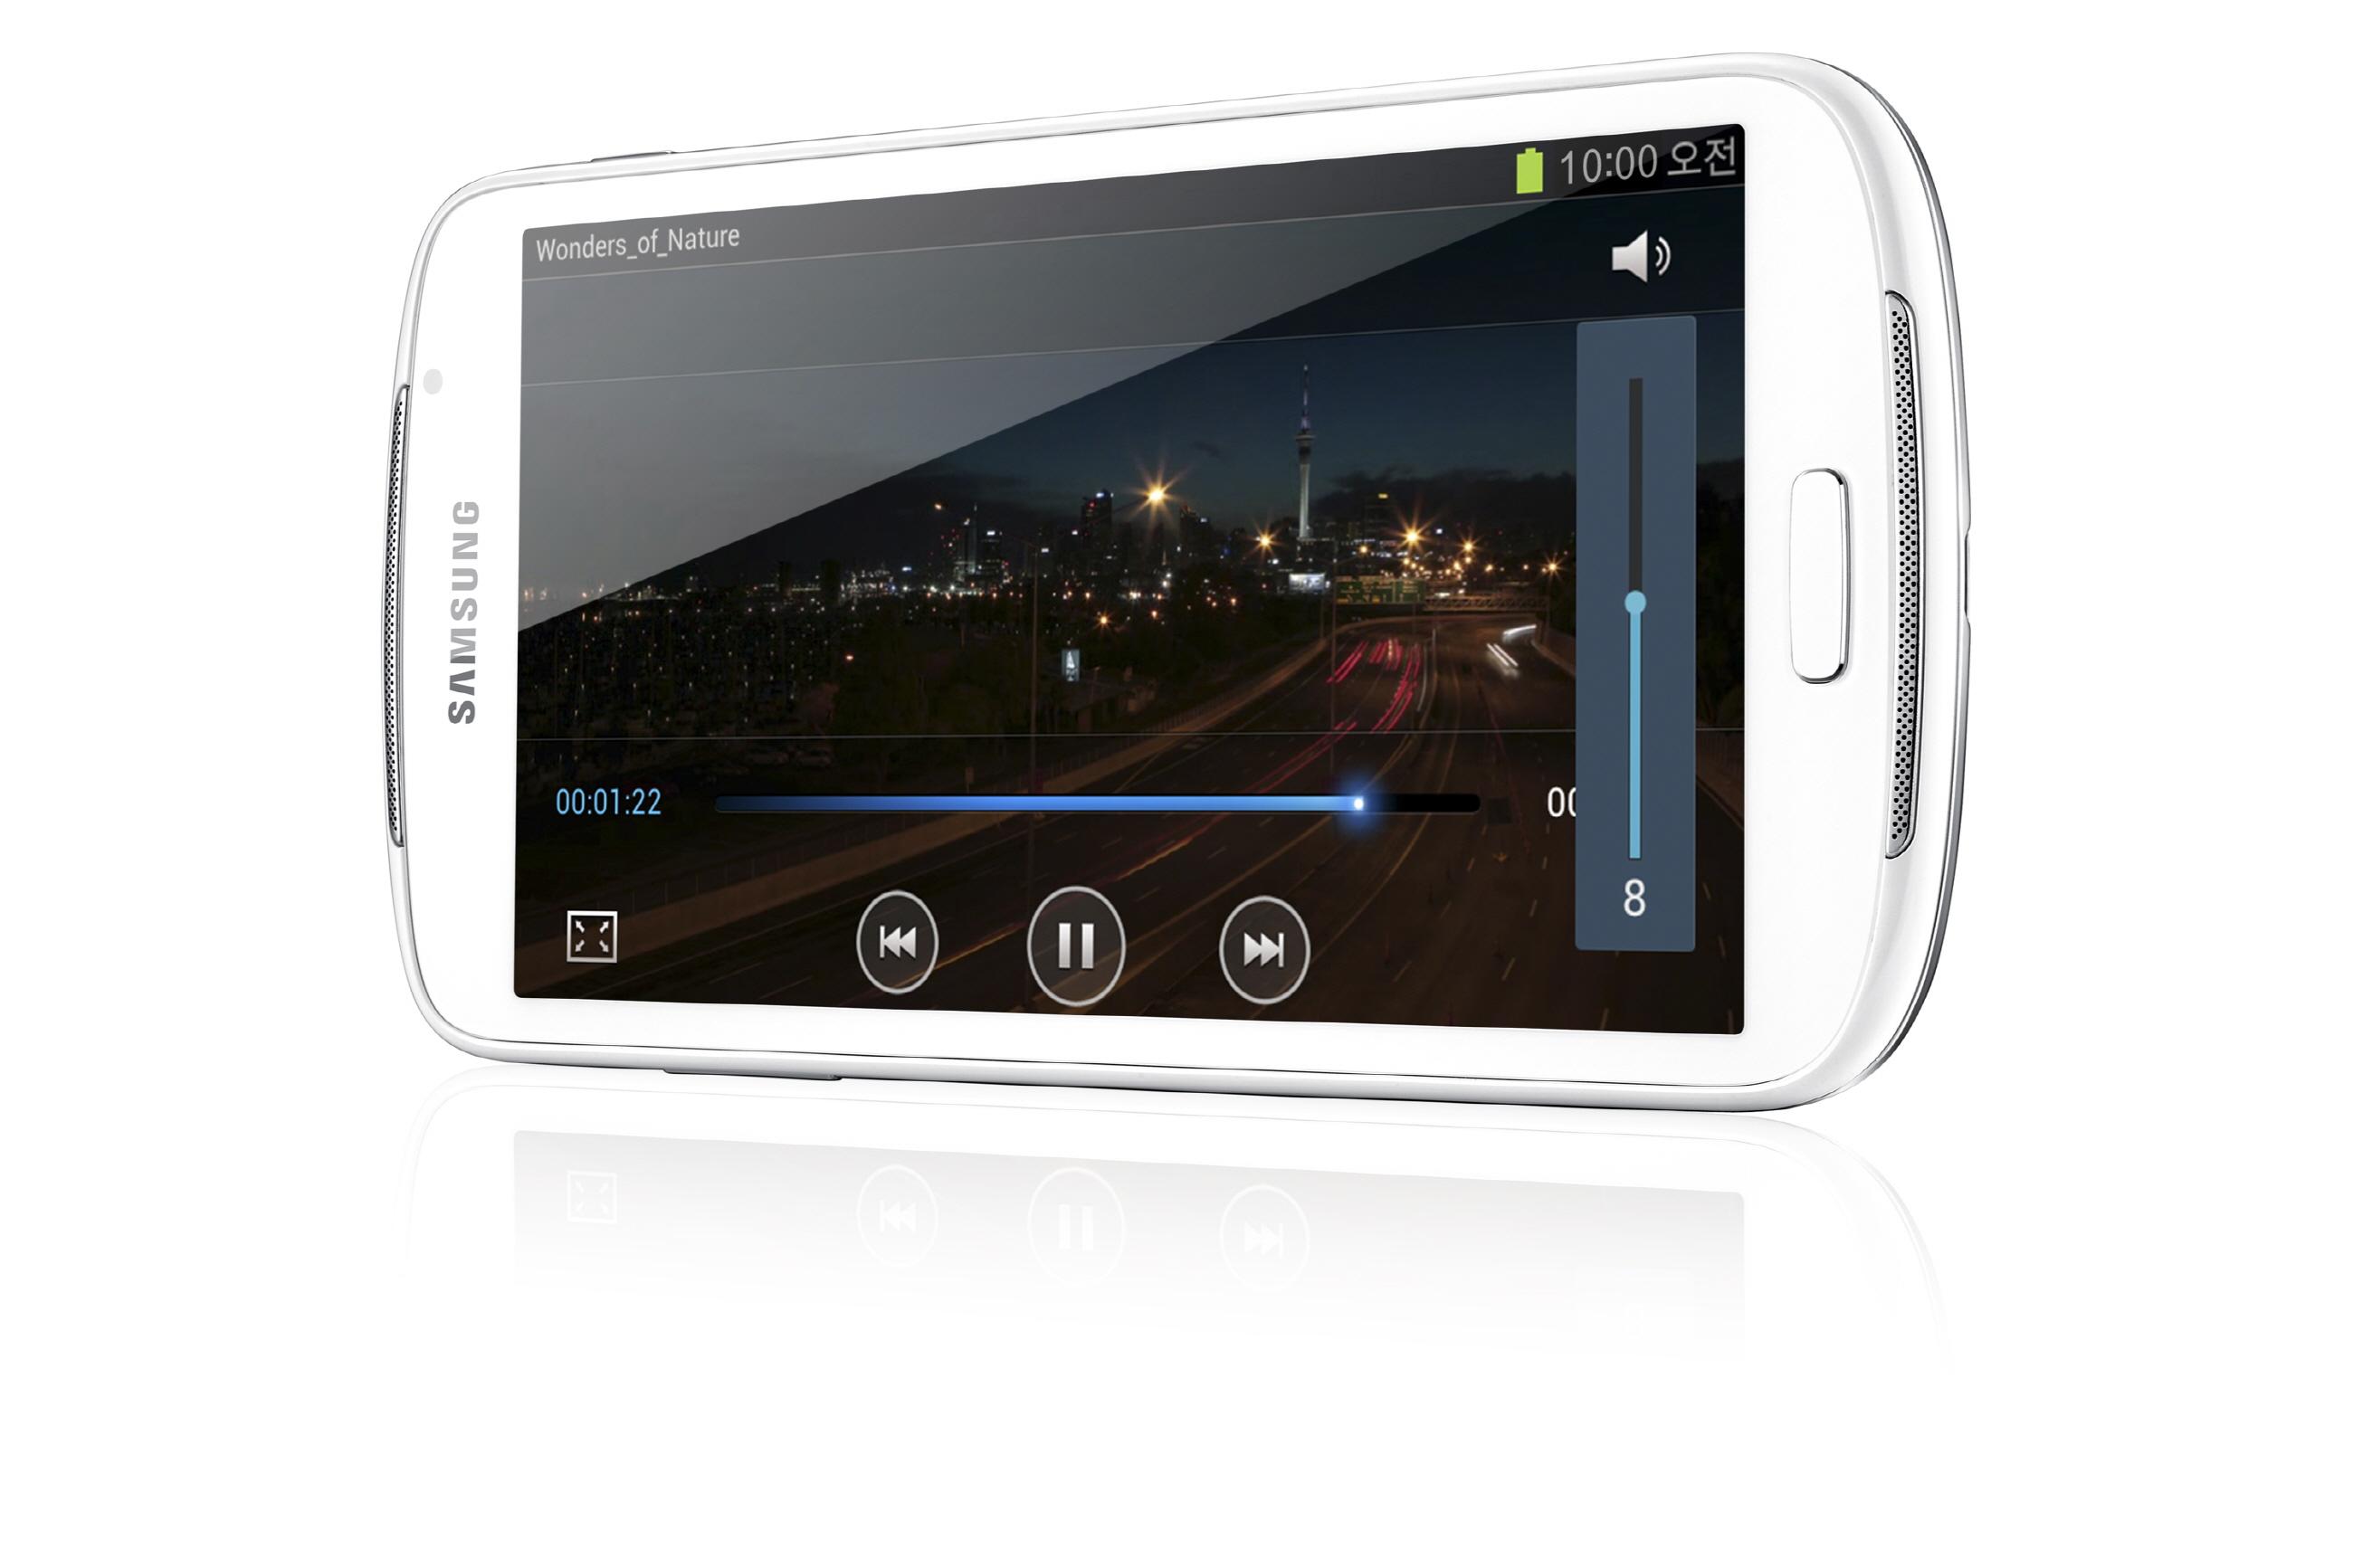 Prenosni predvajalnik Samsung Galaxy Player 5.8 je dejansko tablični računalnik v malem!